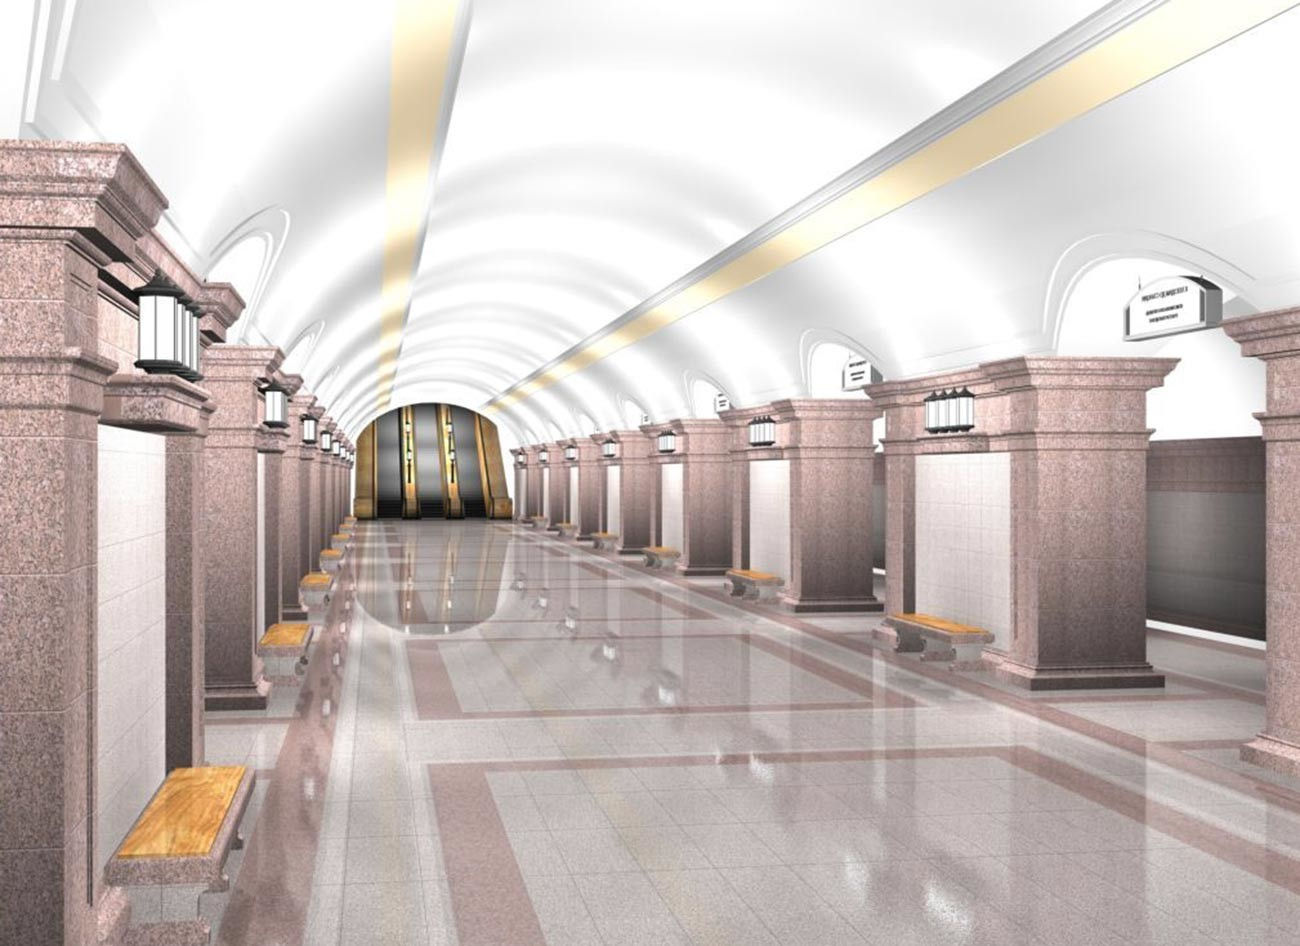 """Станица метроа """"Трг револуције"""", Чељабинск, -  приказ платформе за путнике у главном холу."""